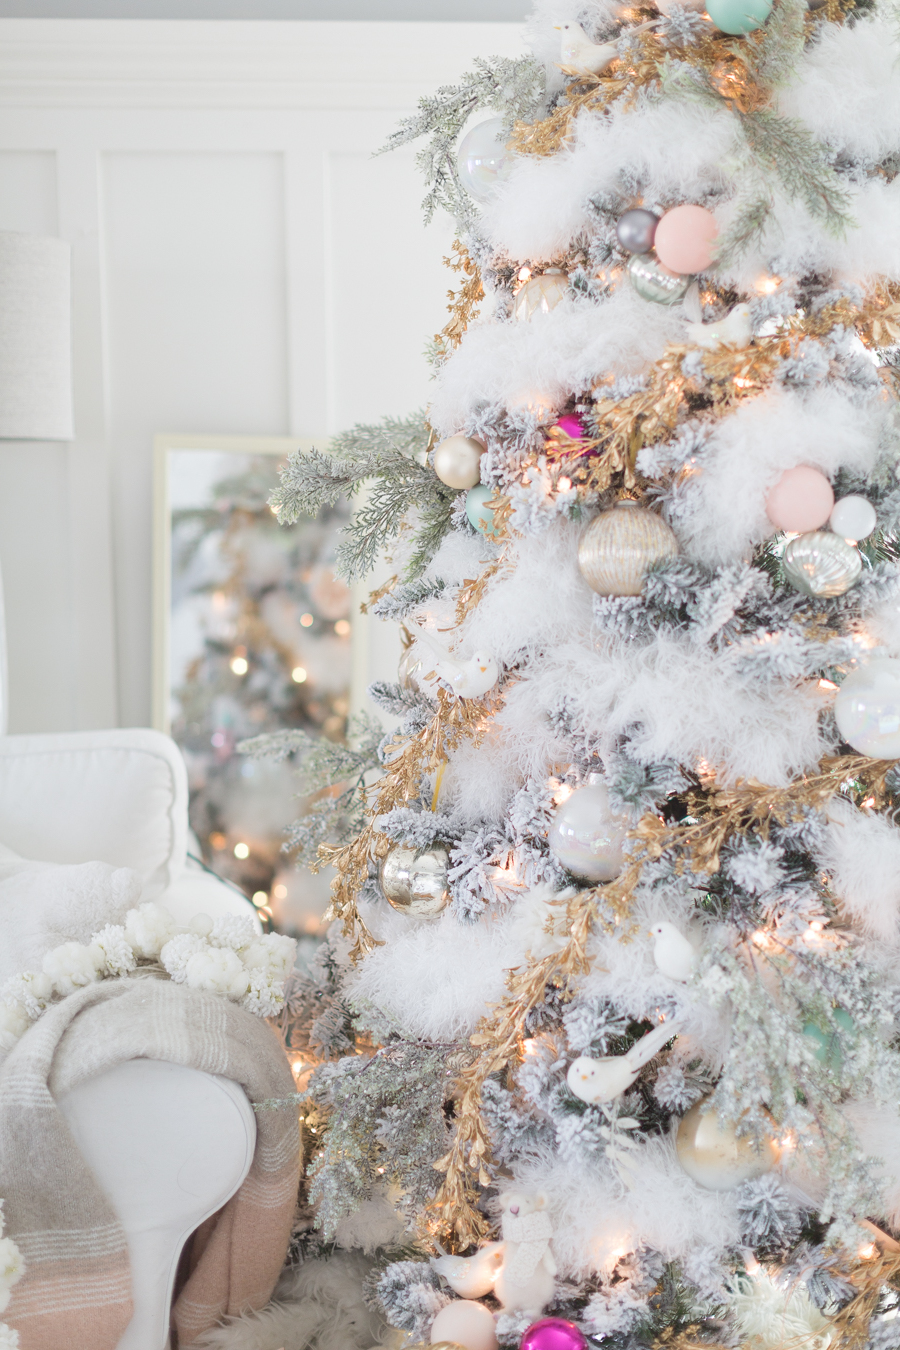 Die beste Deko Weihnachten für magische Weihnachten